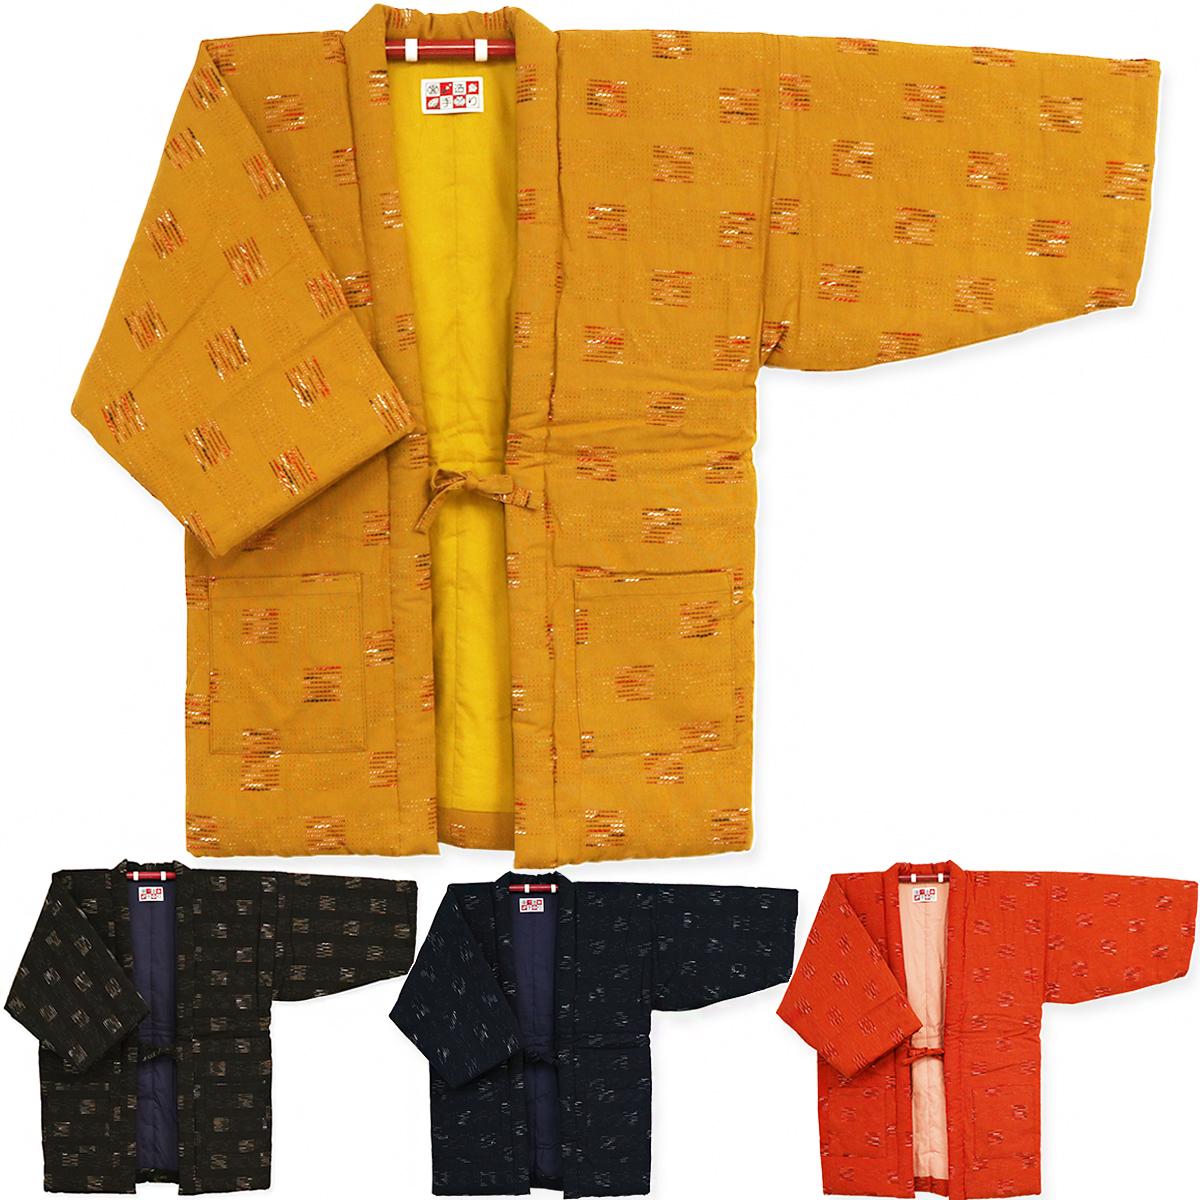 はんてん 婦人 紳士兼用 飛びスラブ袢天 綿入り半天 レディース 920 和木綿 半纏 袢纏 宮田織物 日本製